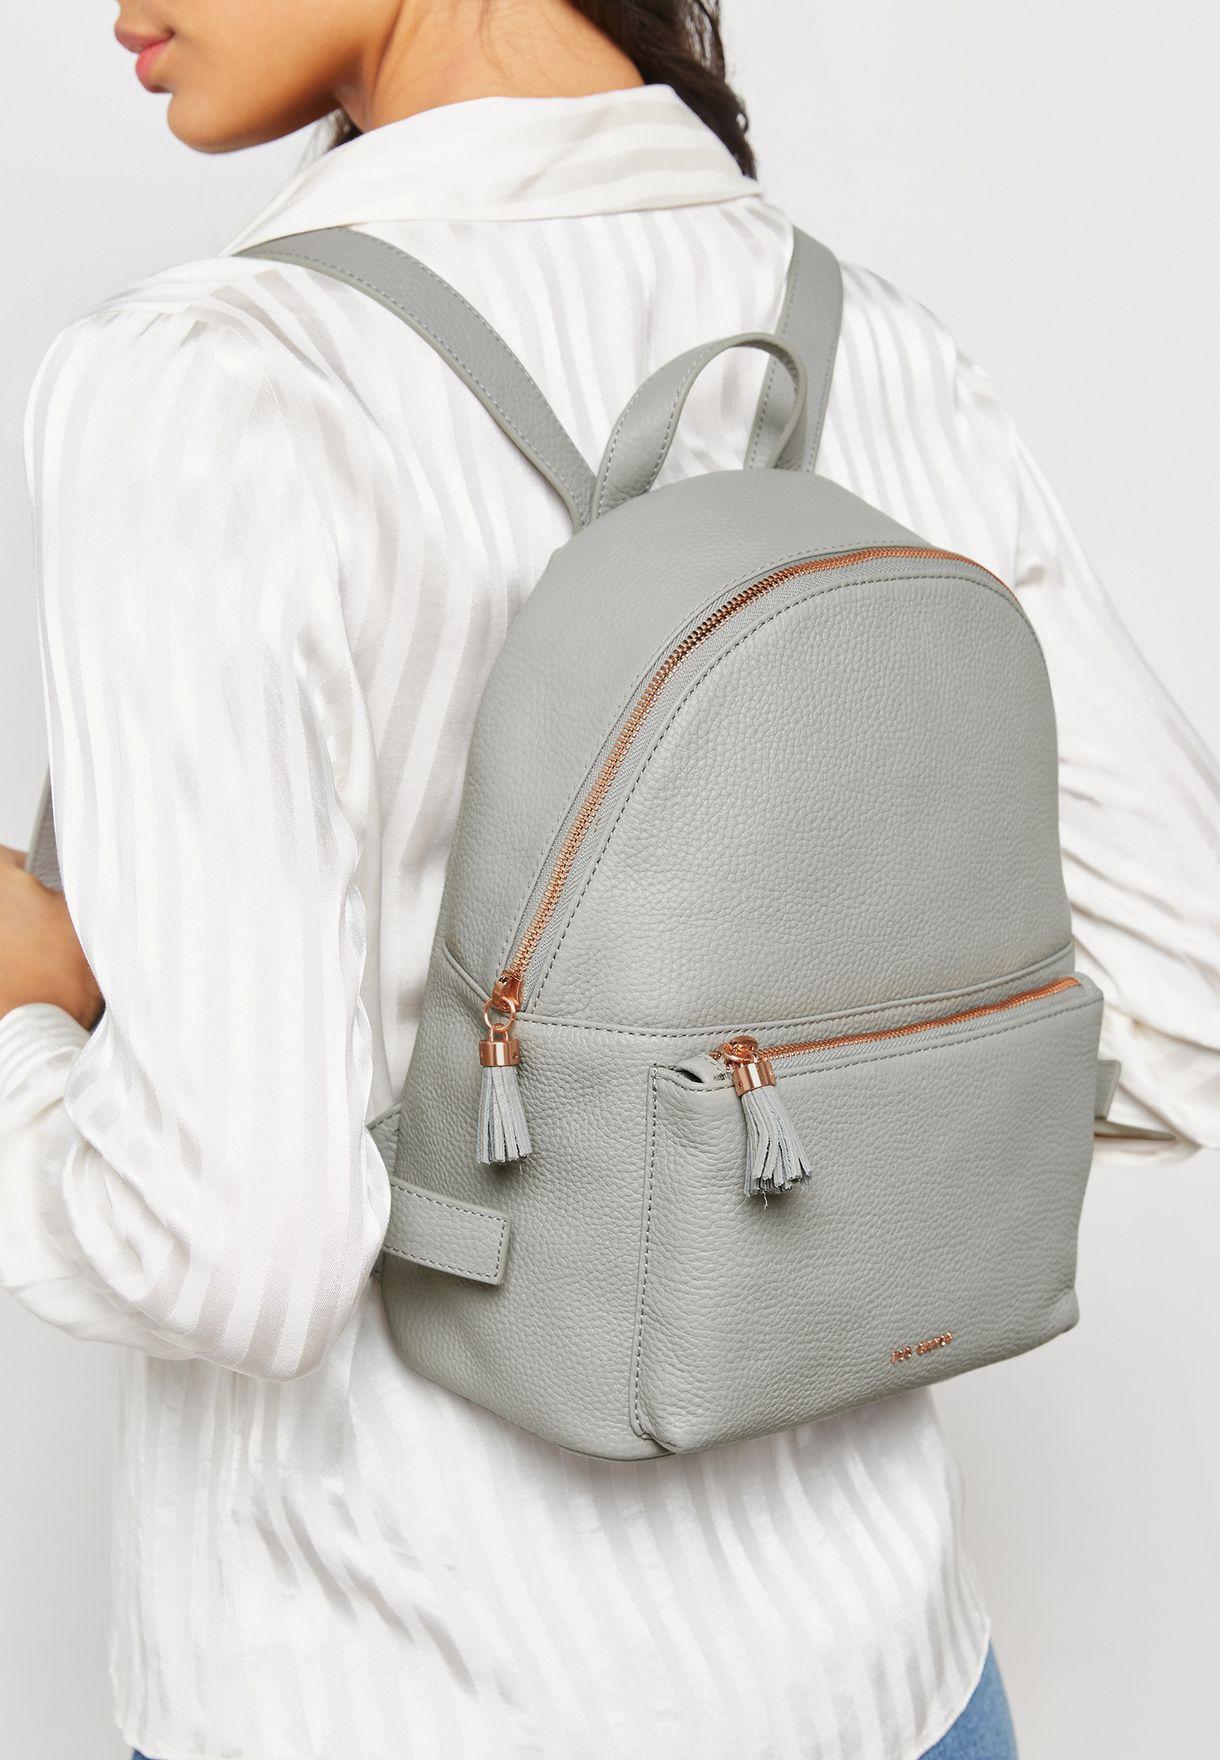 Mollyyy Backpack